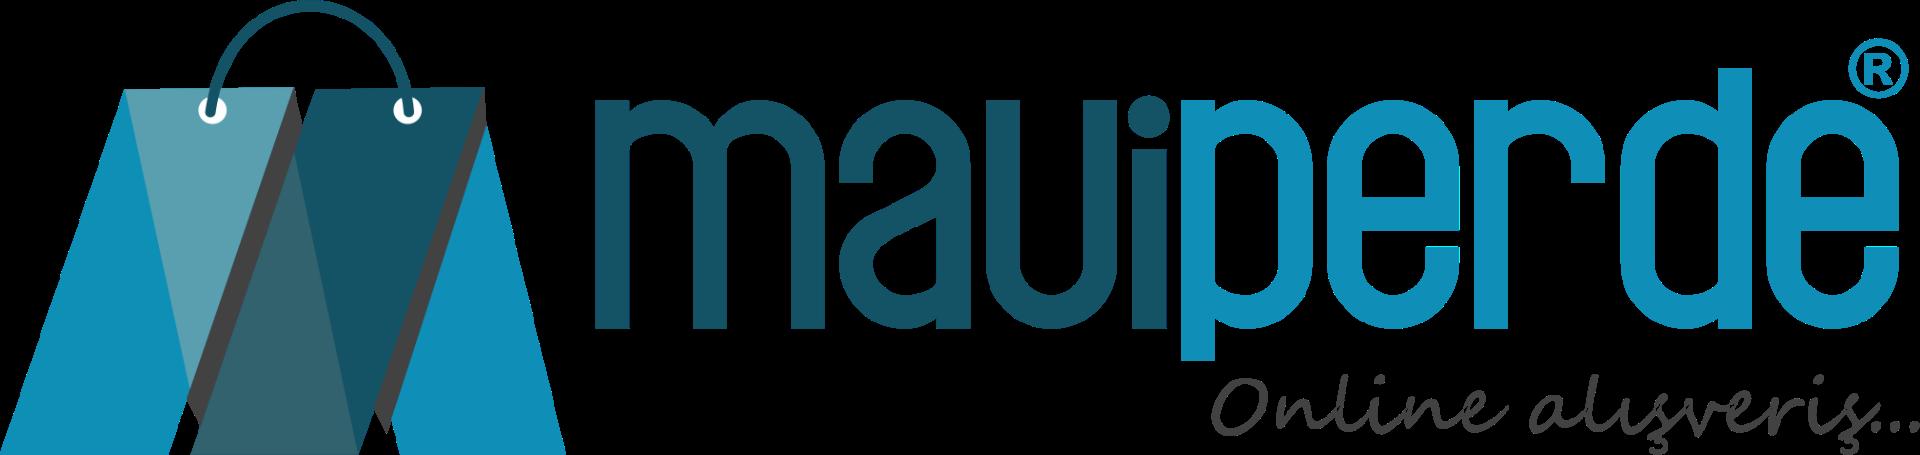 maviperde.com logo